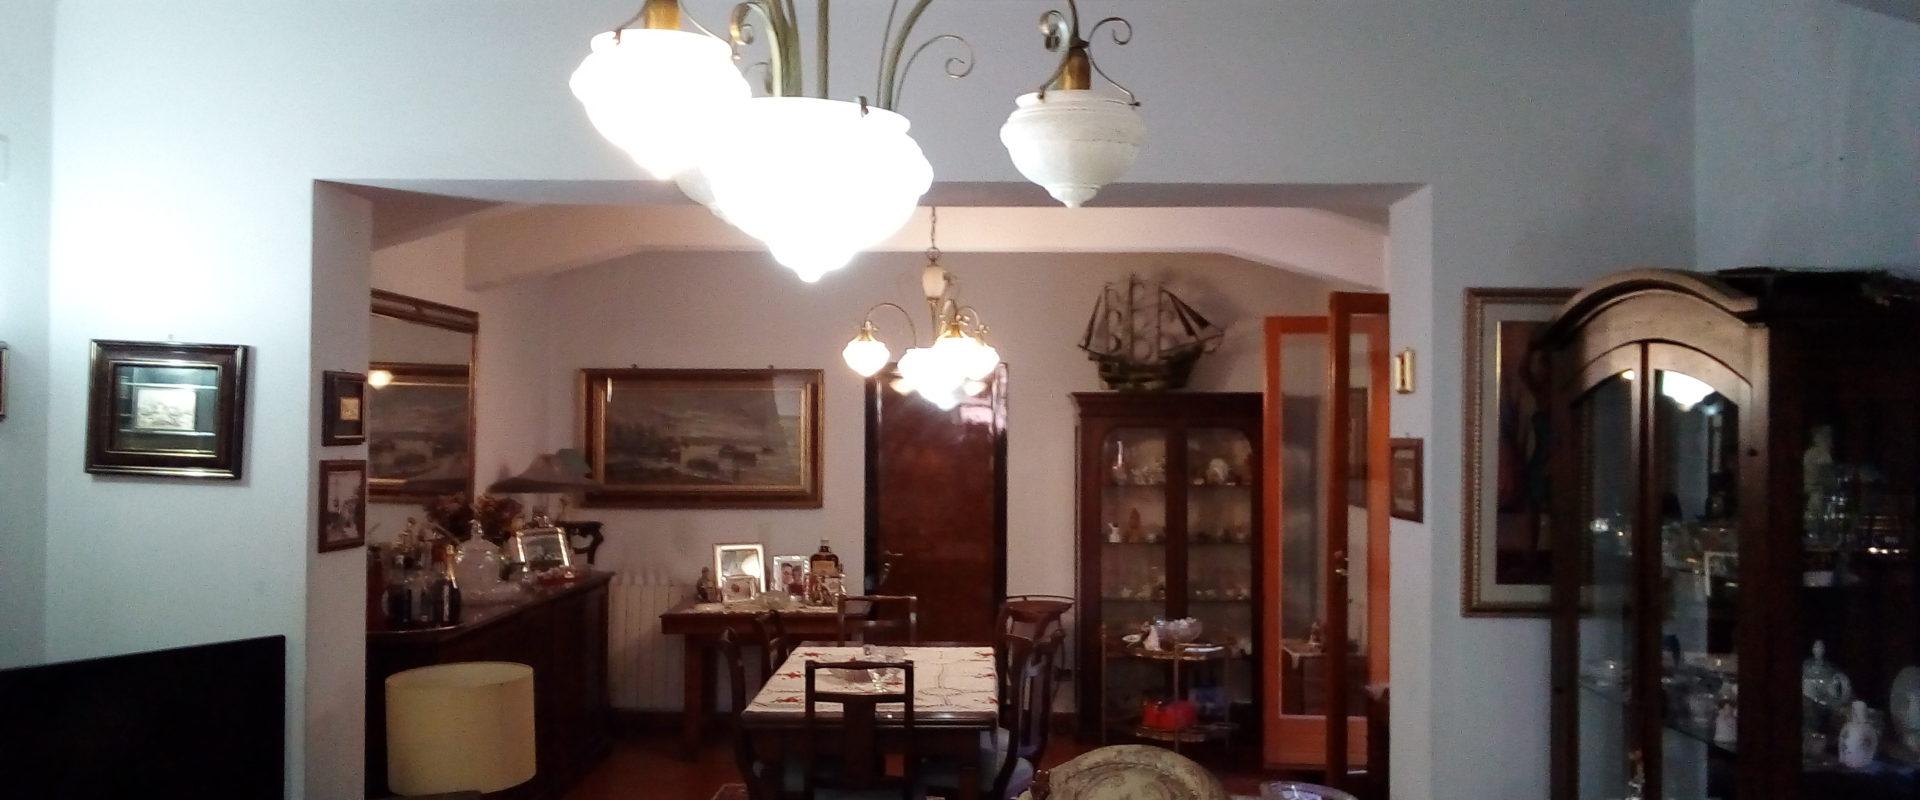 Grande casa indipendente in vendita pressi Viale Europa